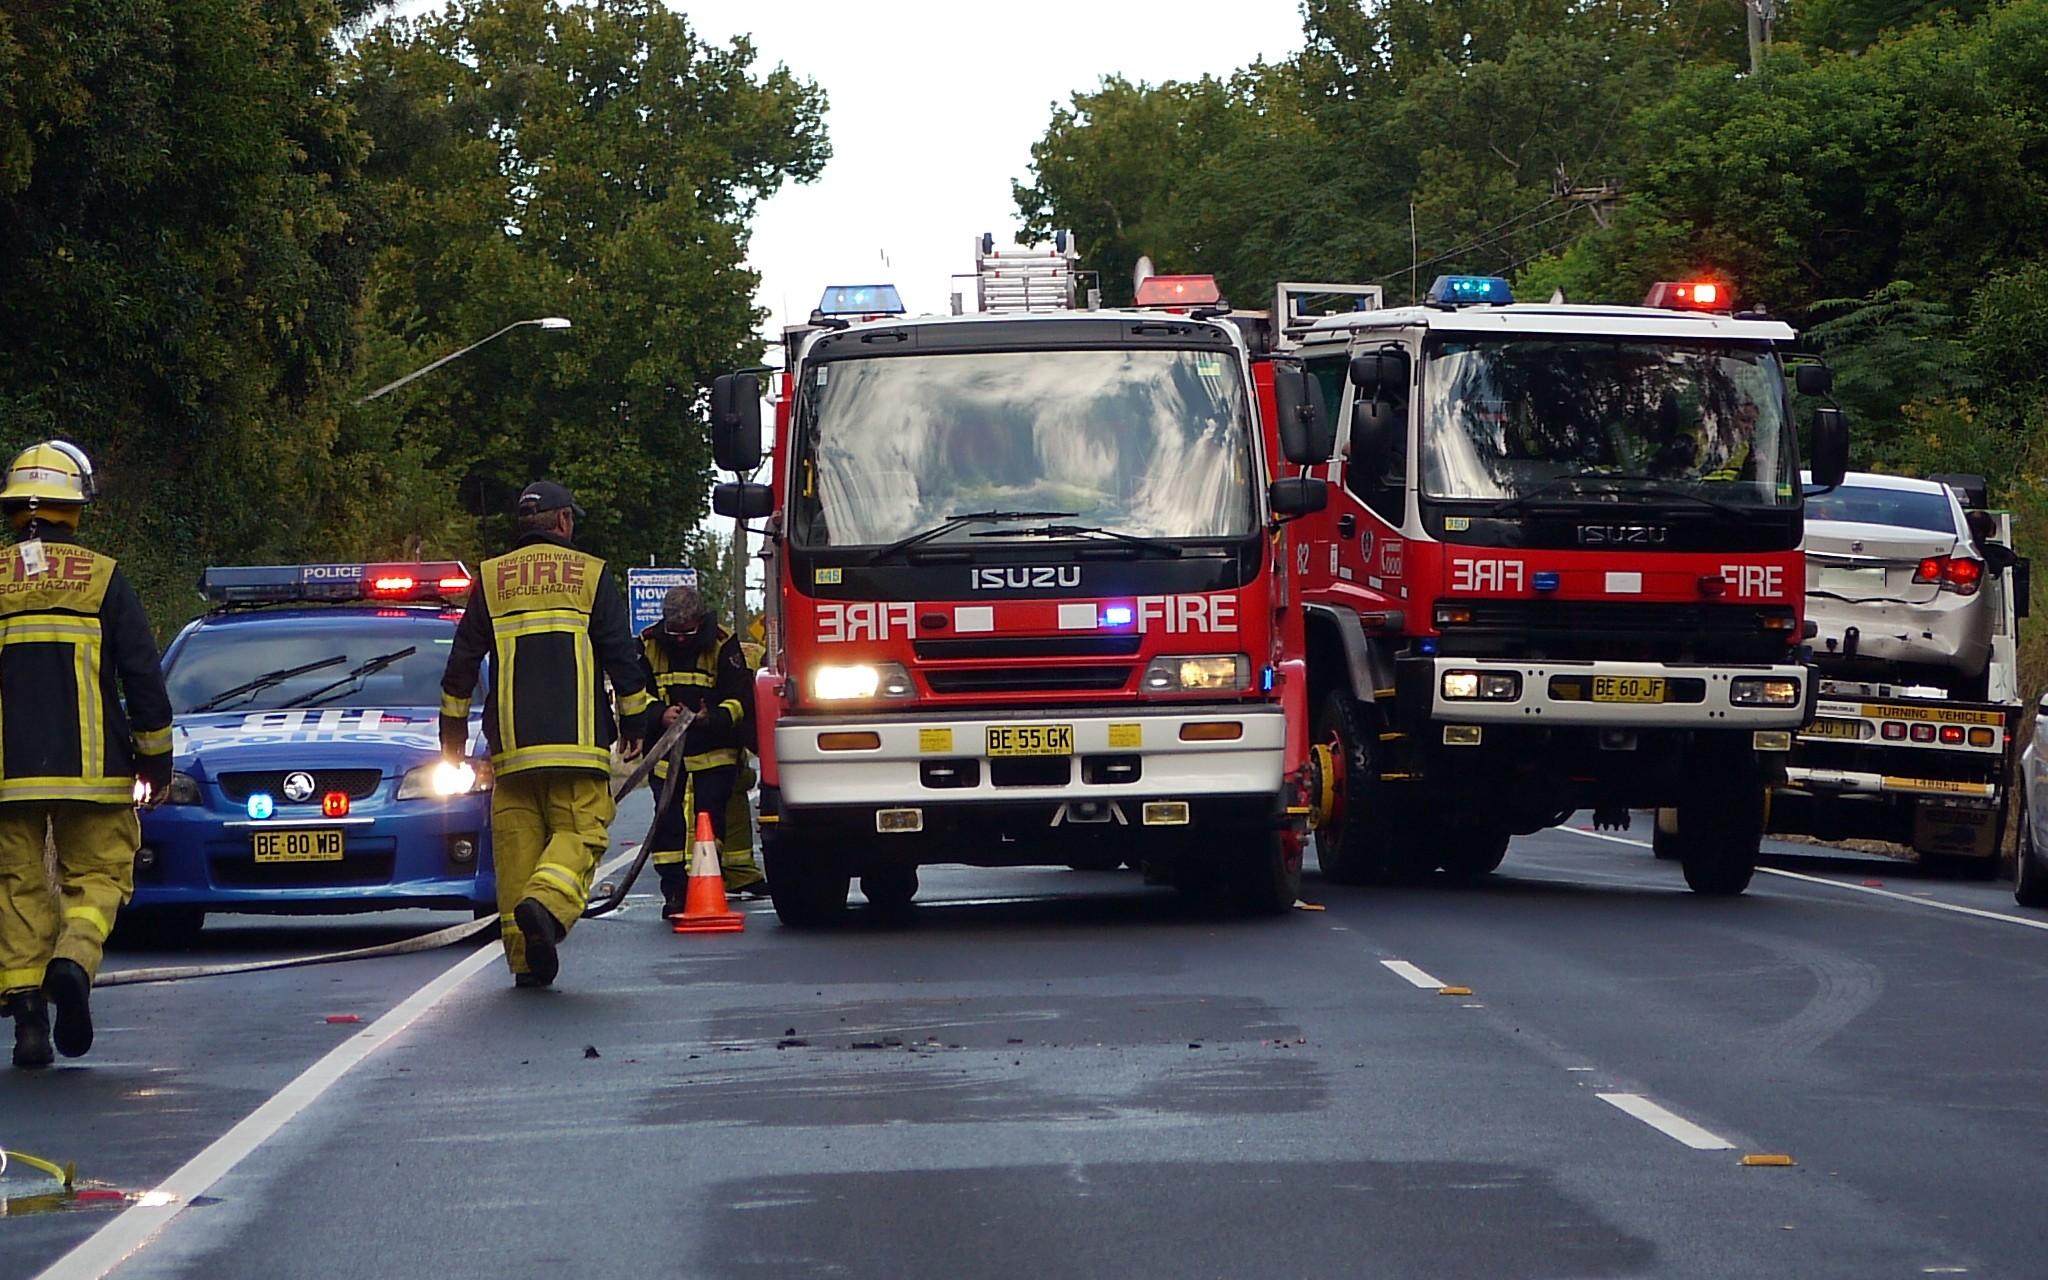 File:HB 203, Isuzu Fire-Rescue pumper ^ Isuzu 4X4 pumper - Flickr